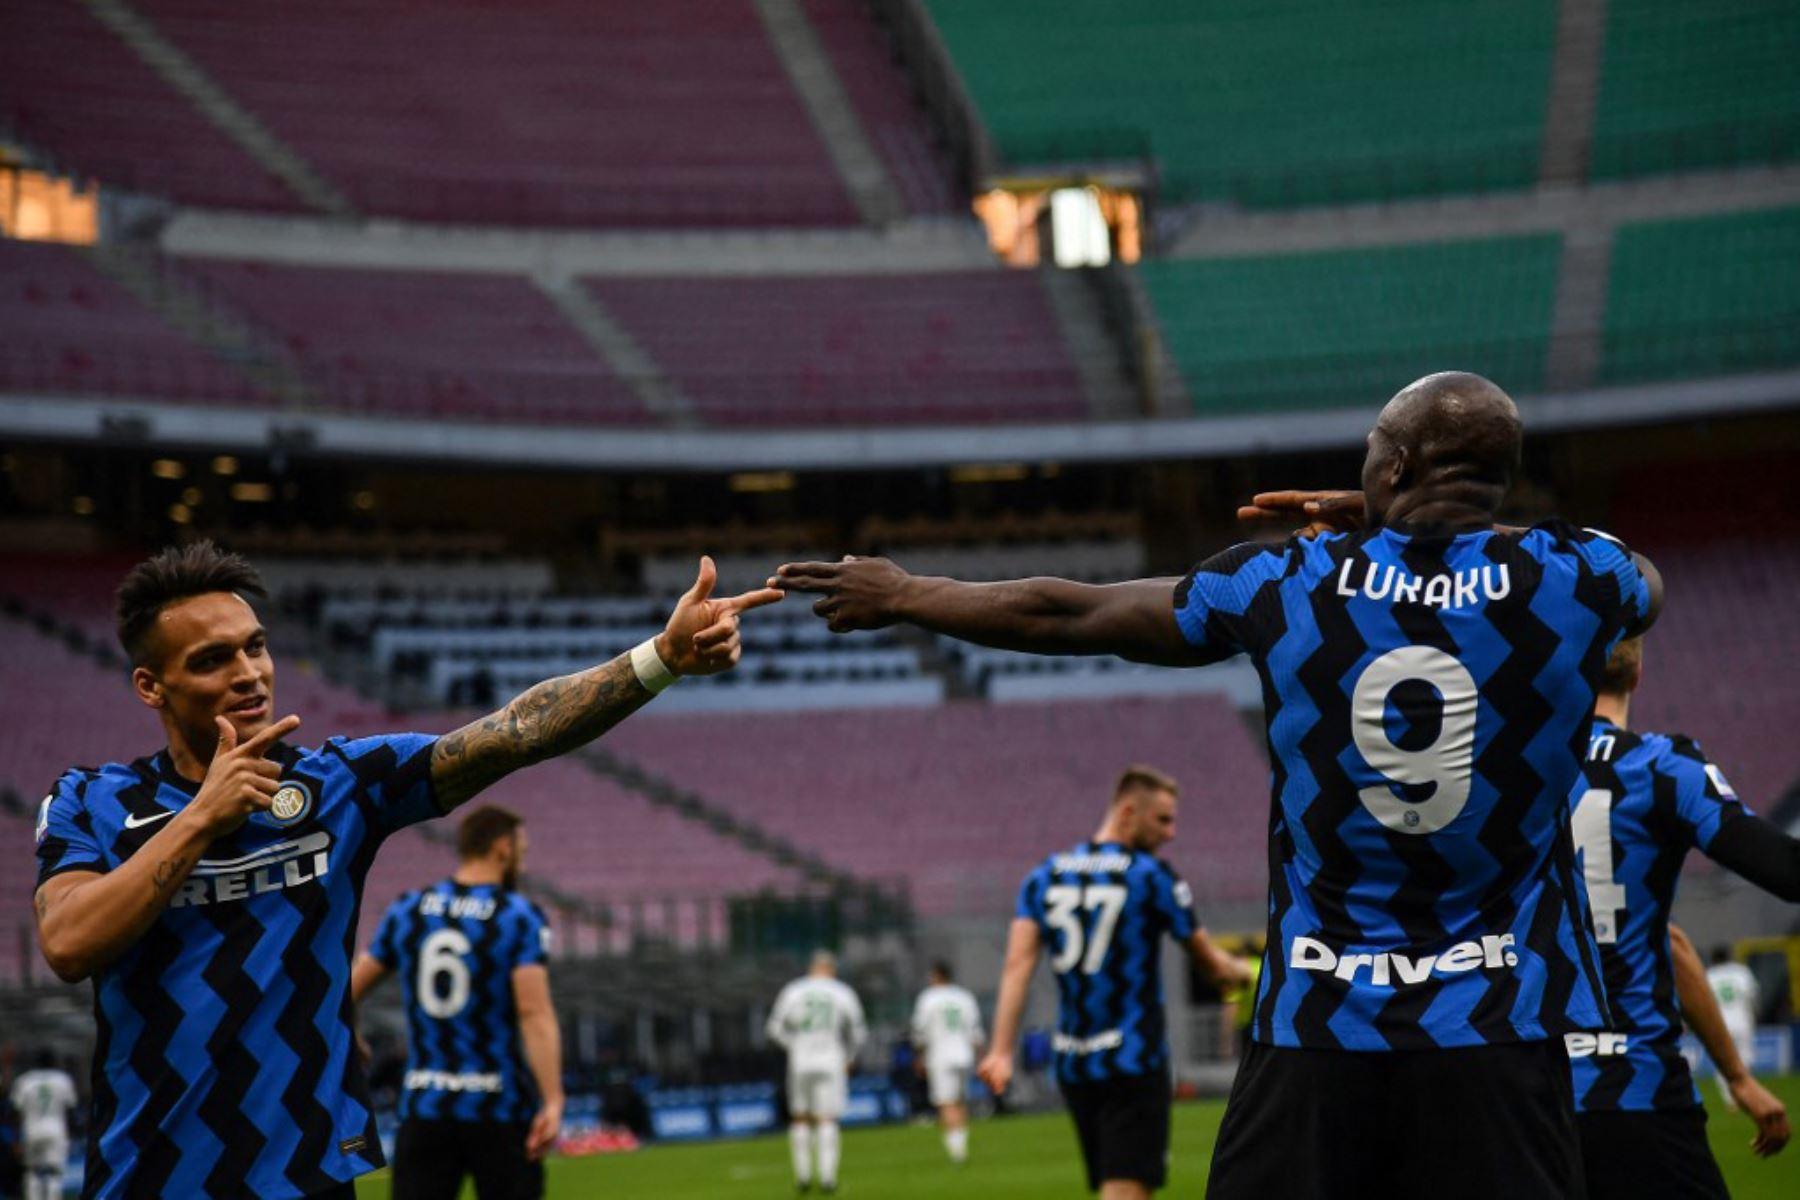 El delantero belga del Inter de Milán Romelu Lukaku (R) celebra con el delantero argentino del Inter de Milán Lautaro Martínez después de abrir el marcador durante el partido de fútbol de la Serie A italiana Inter de Milán vs Sassuolo.  Foto:AFP